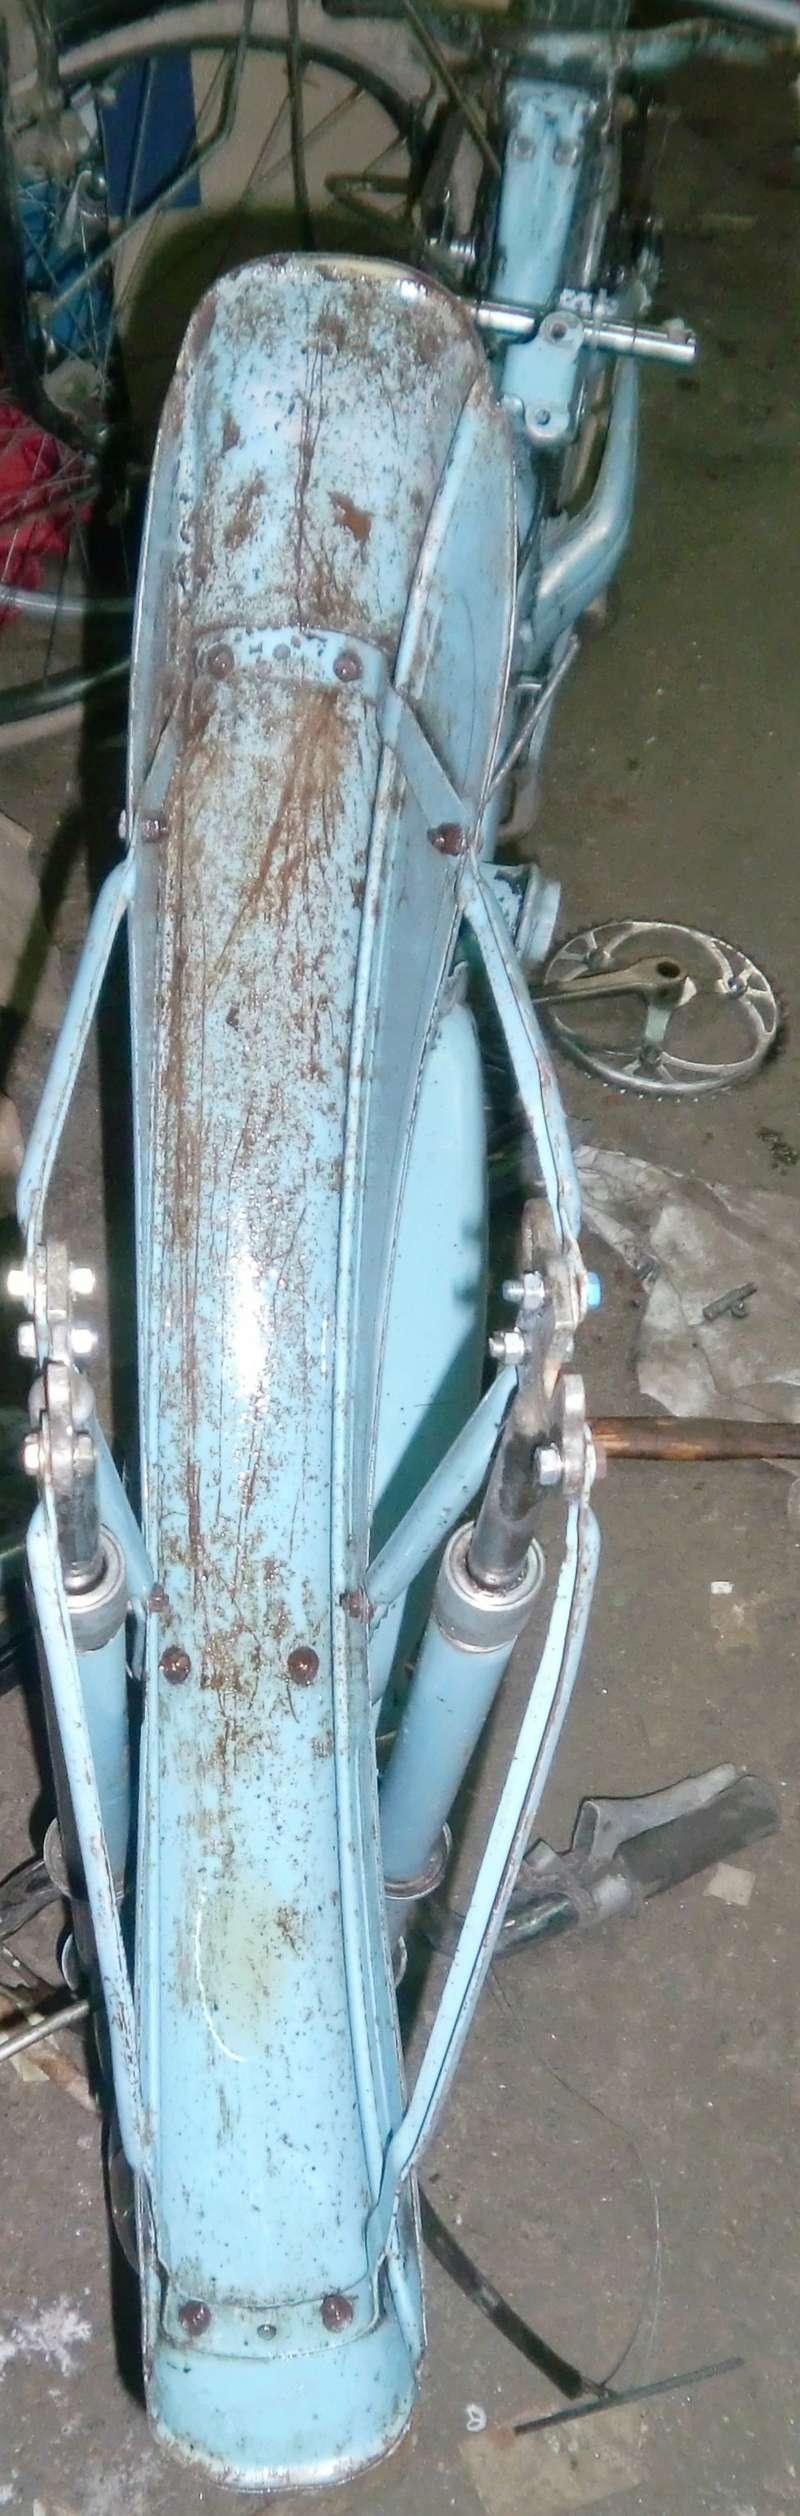 HYBRIDE MOTOCONFORT AU 79 1957-59 vélocifié ! Cimg4325